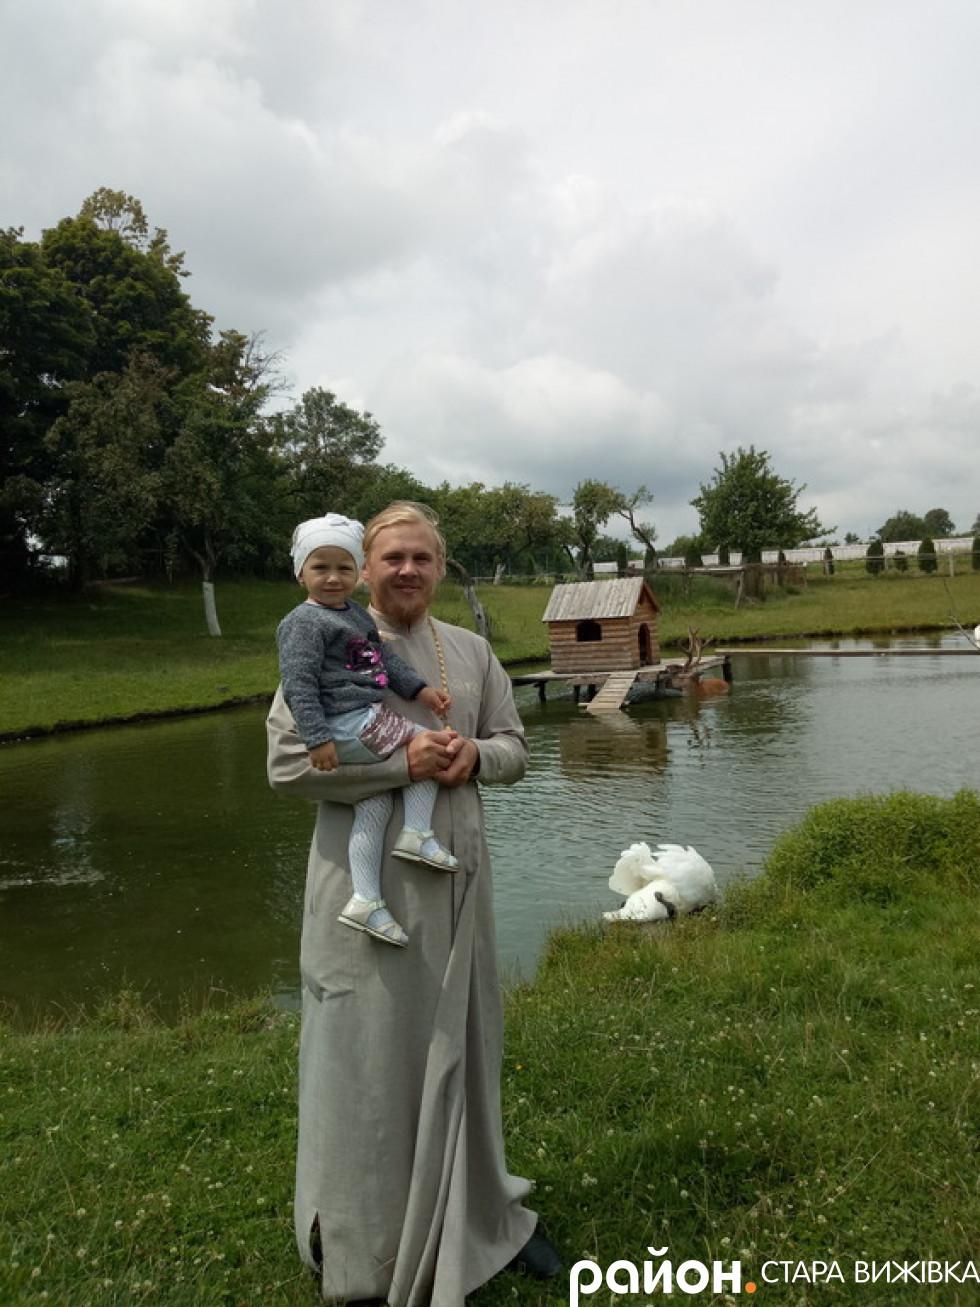 Отець Павлю Бабюк з дочкою